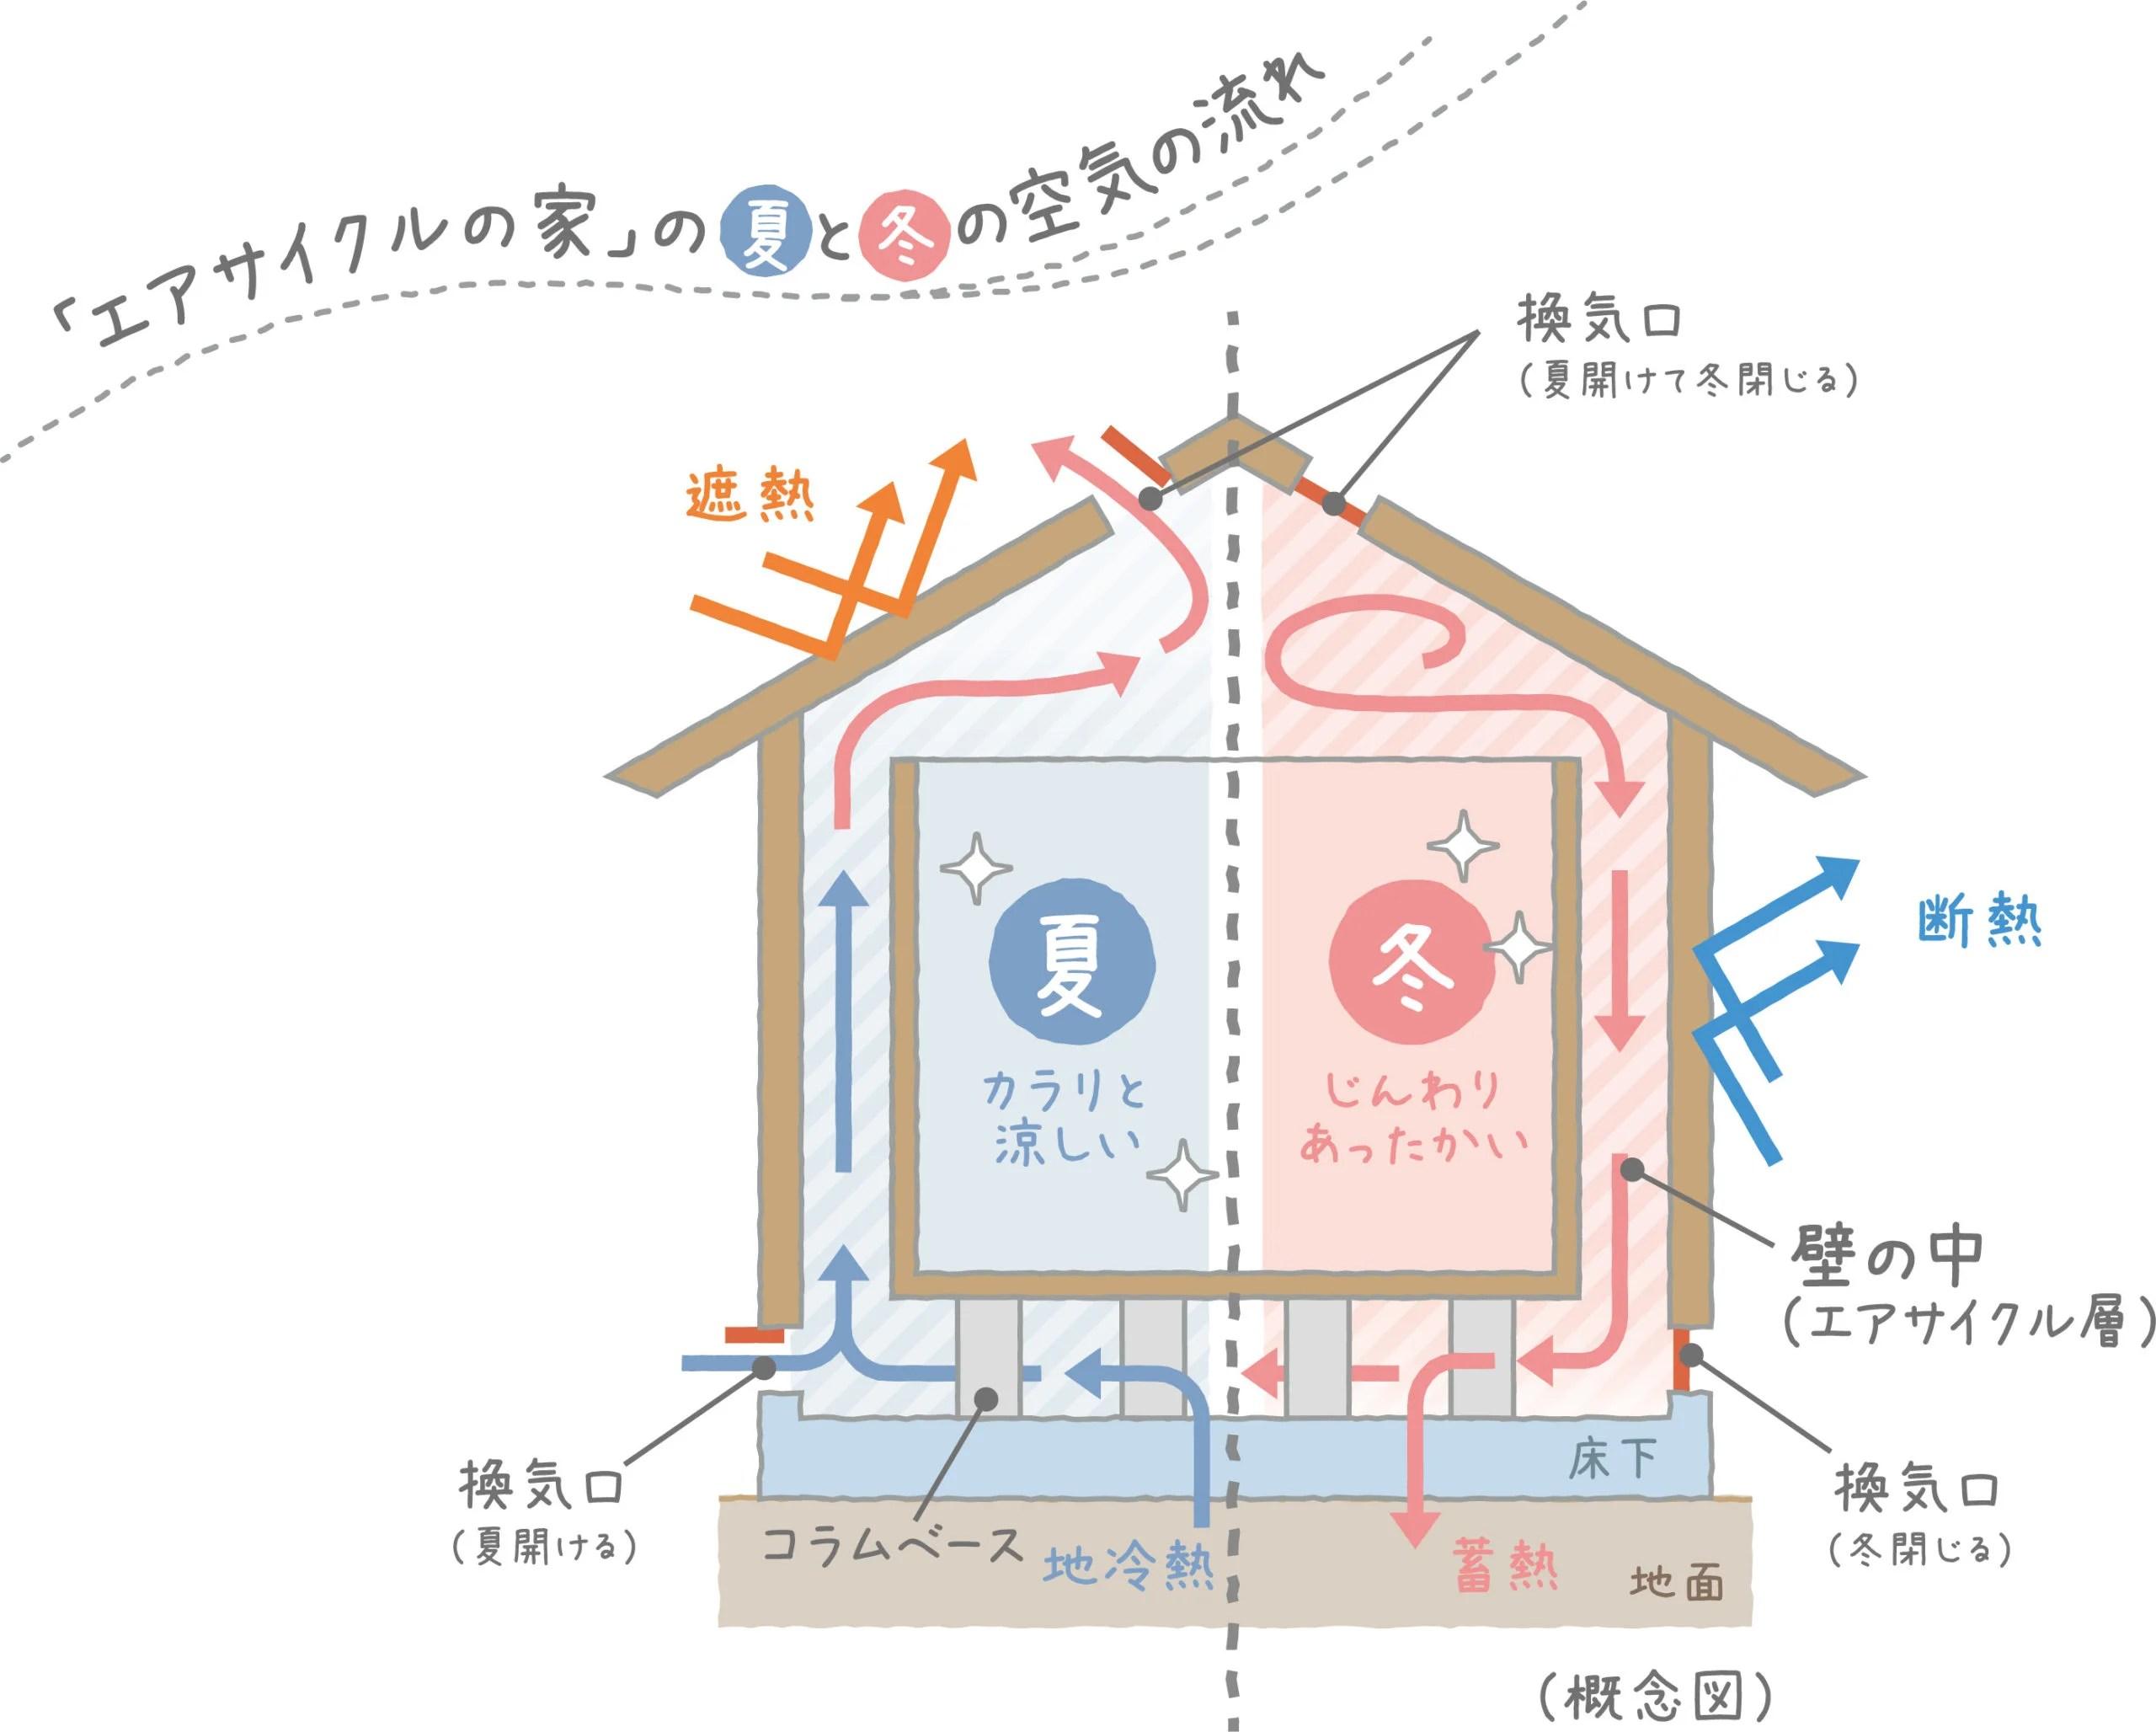 ワタケンのエアサイクル-空気の流れ図イラスト